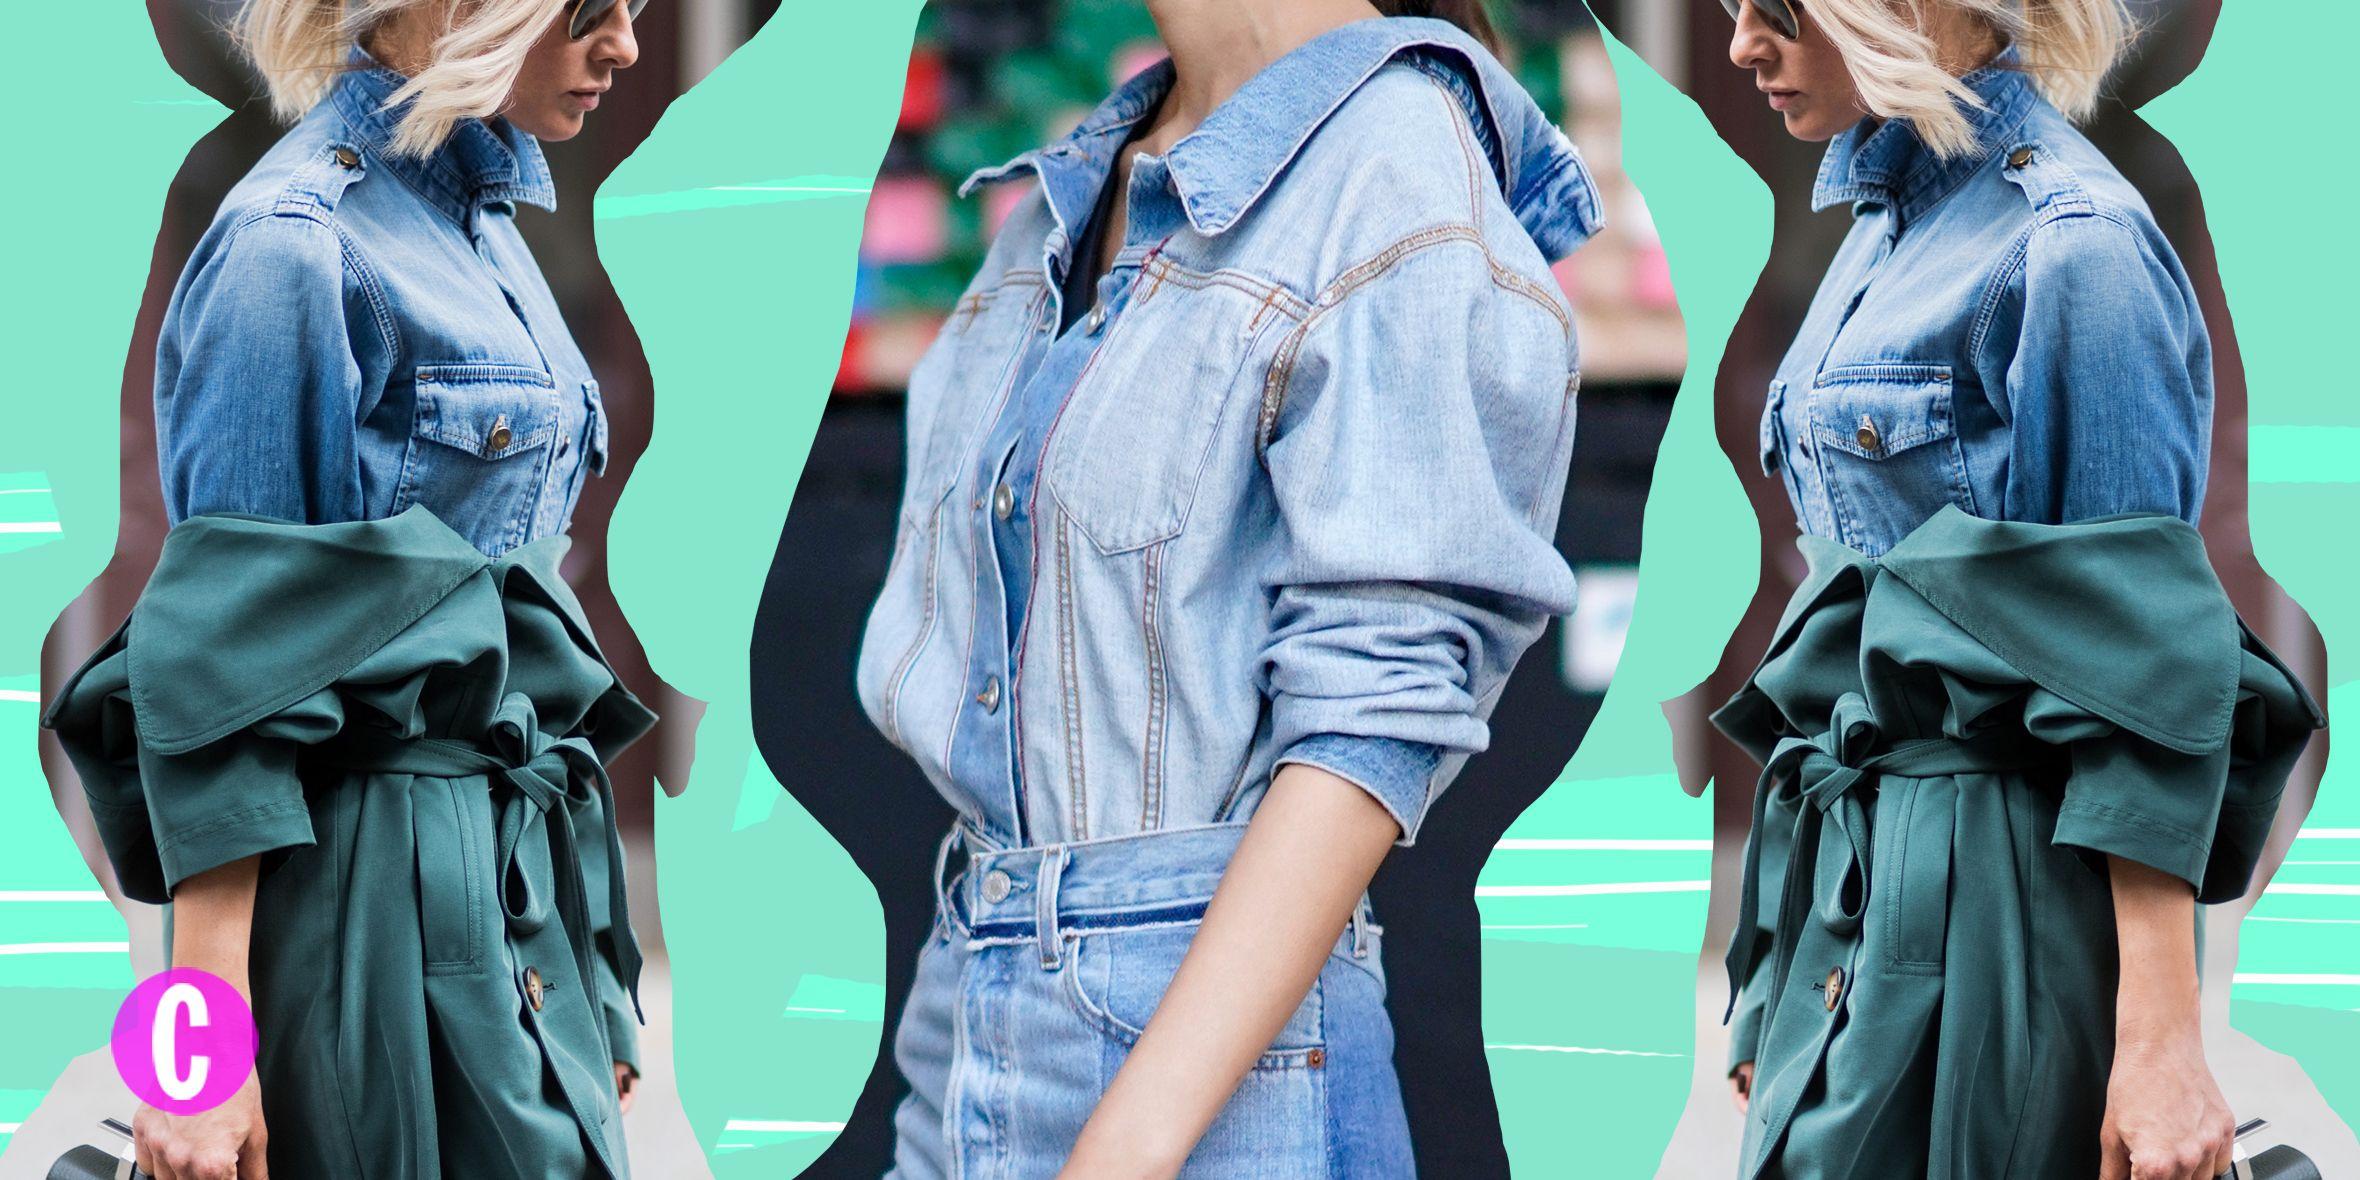 outfit con una camicia di jeans larga da donna? | ask.fm